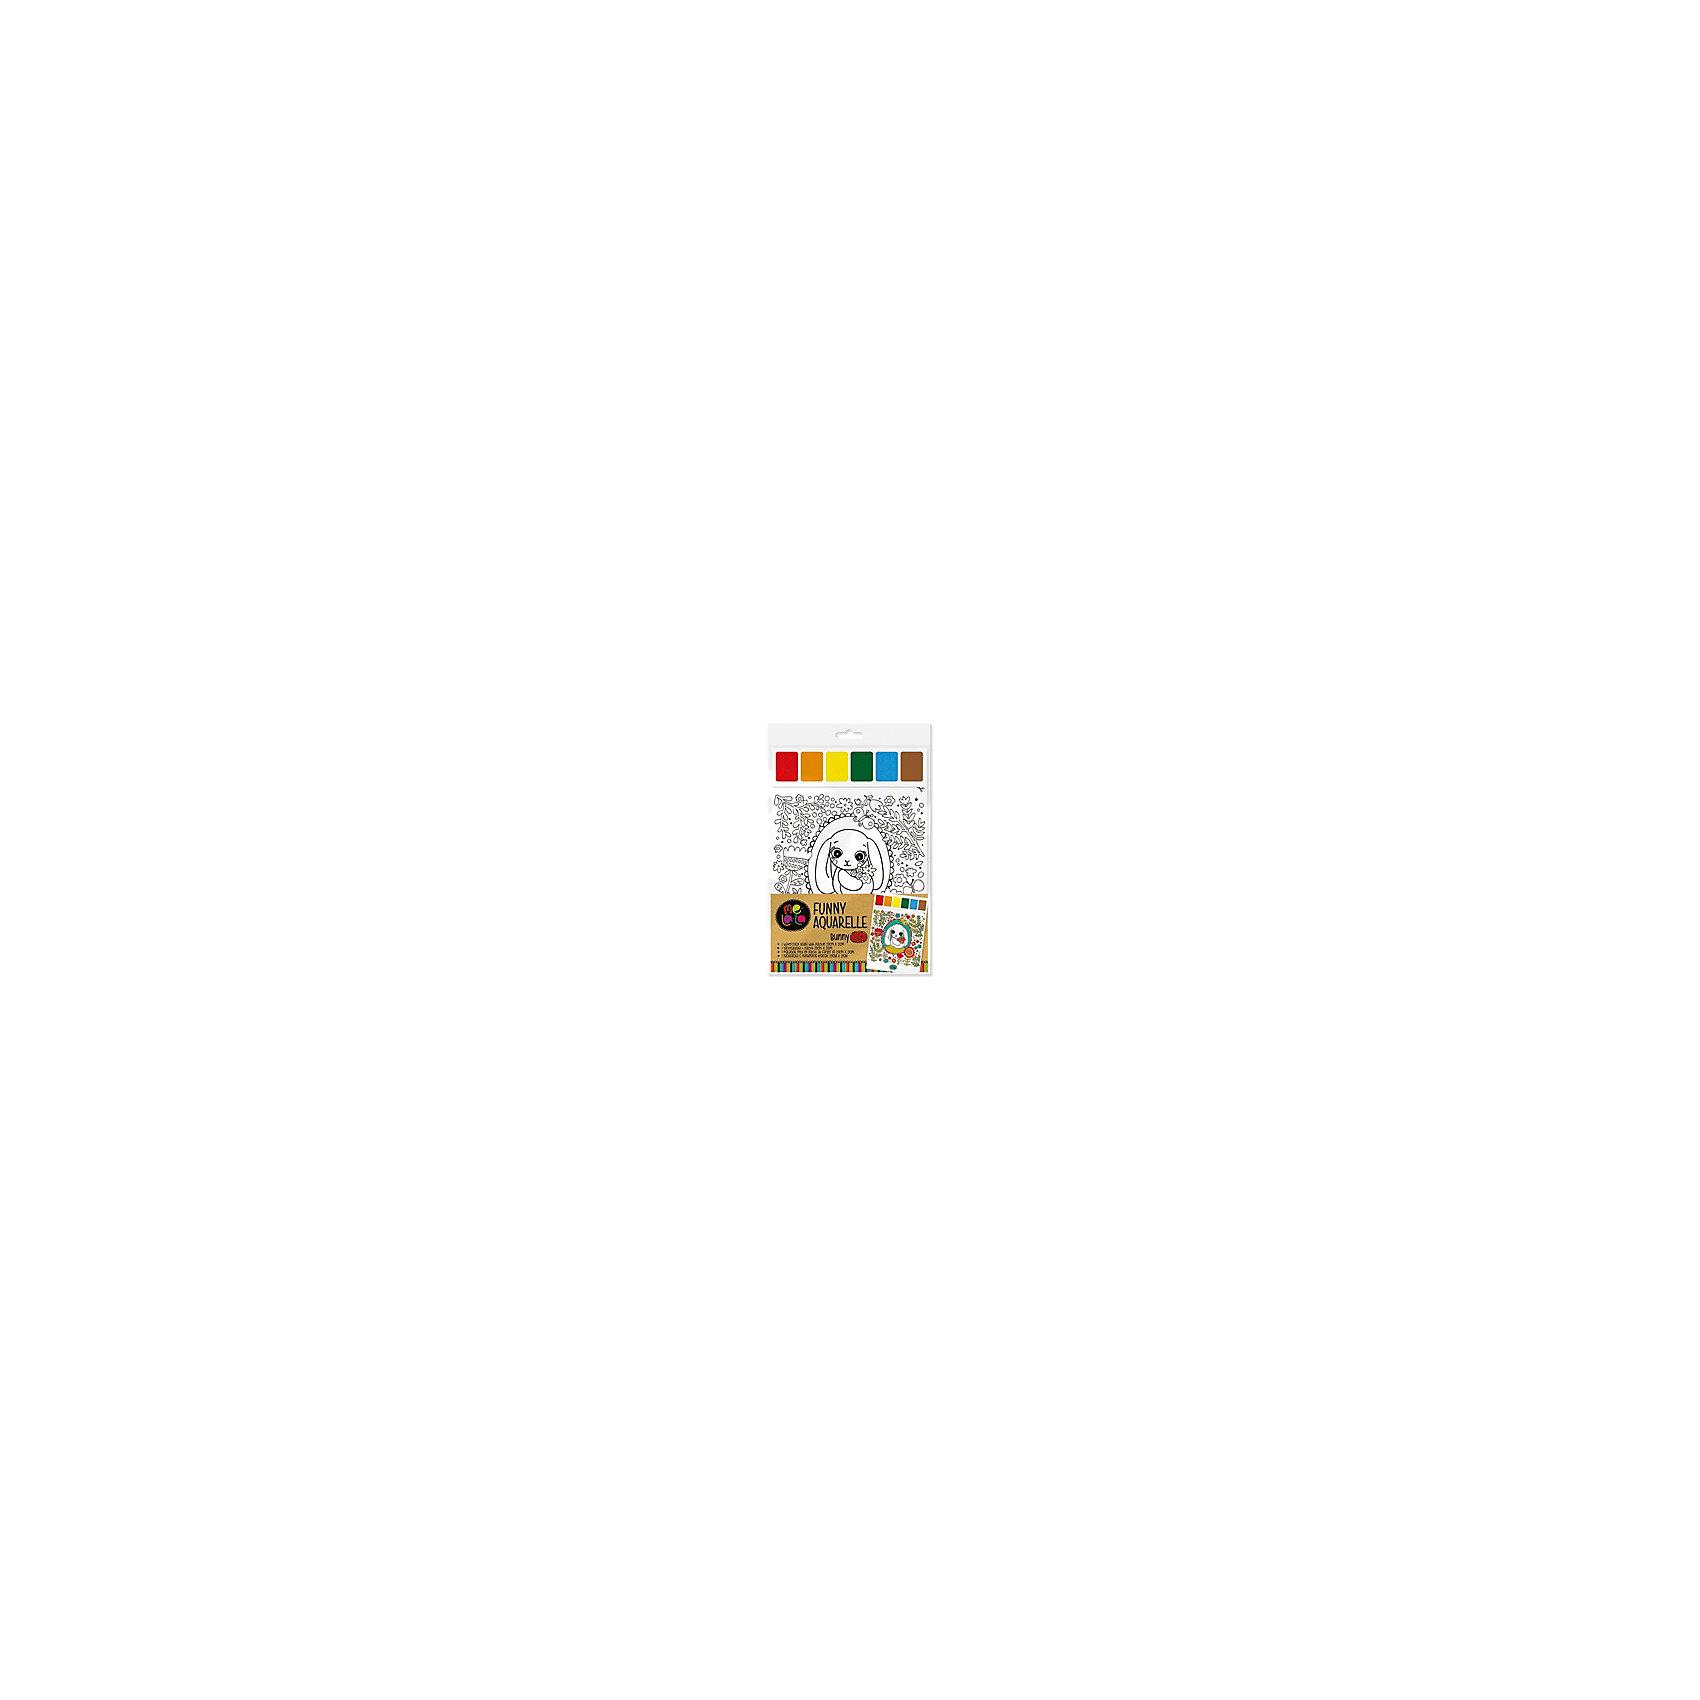 НабордляраскрашиванияакварельюЗайкаLilyНабор для раскрашивания акварелью Зайка Lily - это увлекательный набор для творчества.<br>С помощью набора для раскрашивания акварелью Зайка Lily ваш малыш  создаст яркую картину с портретом милого зайчика с букетом цветов на фоне зеленых веточек, бабочек и красивых фантазийный цветов. Ребенок получит истинное удовольствие от погружения в процесс творчества, а созданная им картина, украсит интерьер дома или станет прекрасным подарком. Набор для раскрашивания Зайка Lily прекрасно развивает художественный вкус, аккуратность и внимание. Набор удобно брать с собой в дорогу, он не займет много места, все что вам потребуется – это немного воды и кисточка.<br><br>Дополнительная информация:<br><br>- В наборе: картинка для раскрашивания с палитрой красок (29х21 см)<br>- Количество красок: 6<br>- Материал: бумага<br>- Размер упаковки: 32,5х21 см.<br><br>Набор для раскрашивания акварелью Зайка Lily можно купить в нашем интернет-магазине.<br><br>Ширина мм: 210<br>Глубина мм: 3<br>Высота мм: 325<br>Вес г: 17<br>Возраст от месяцев: 36<br>Возраст до месяцев: 84<br>Пол: Унисекс<br>Возраст: Детский<br>SKU: 4623195